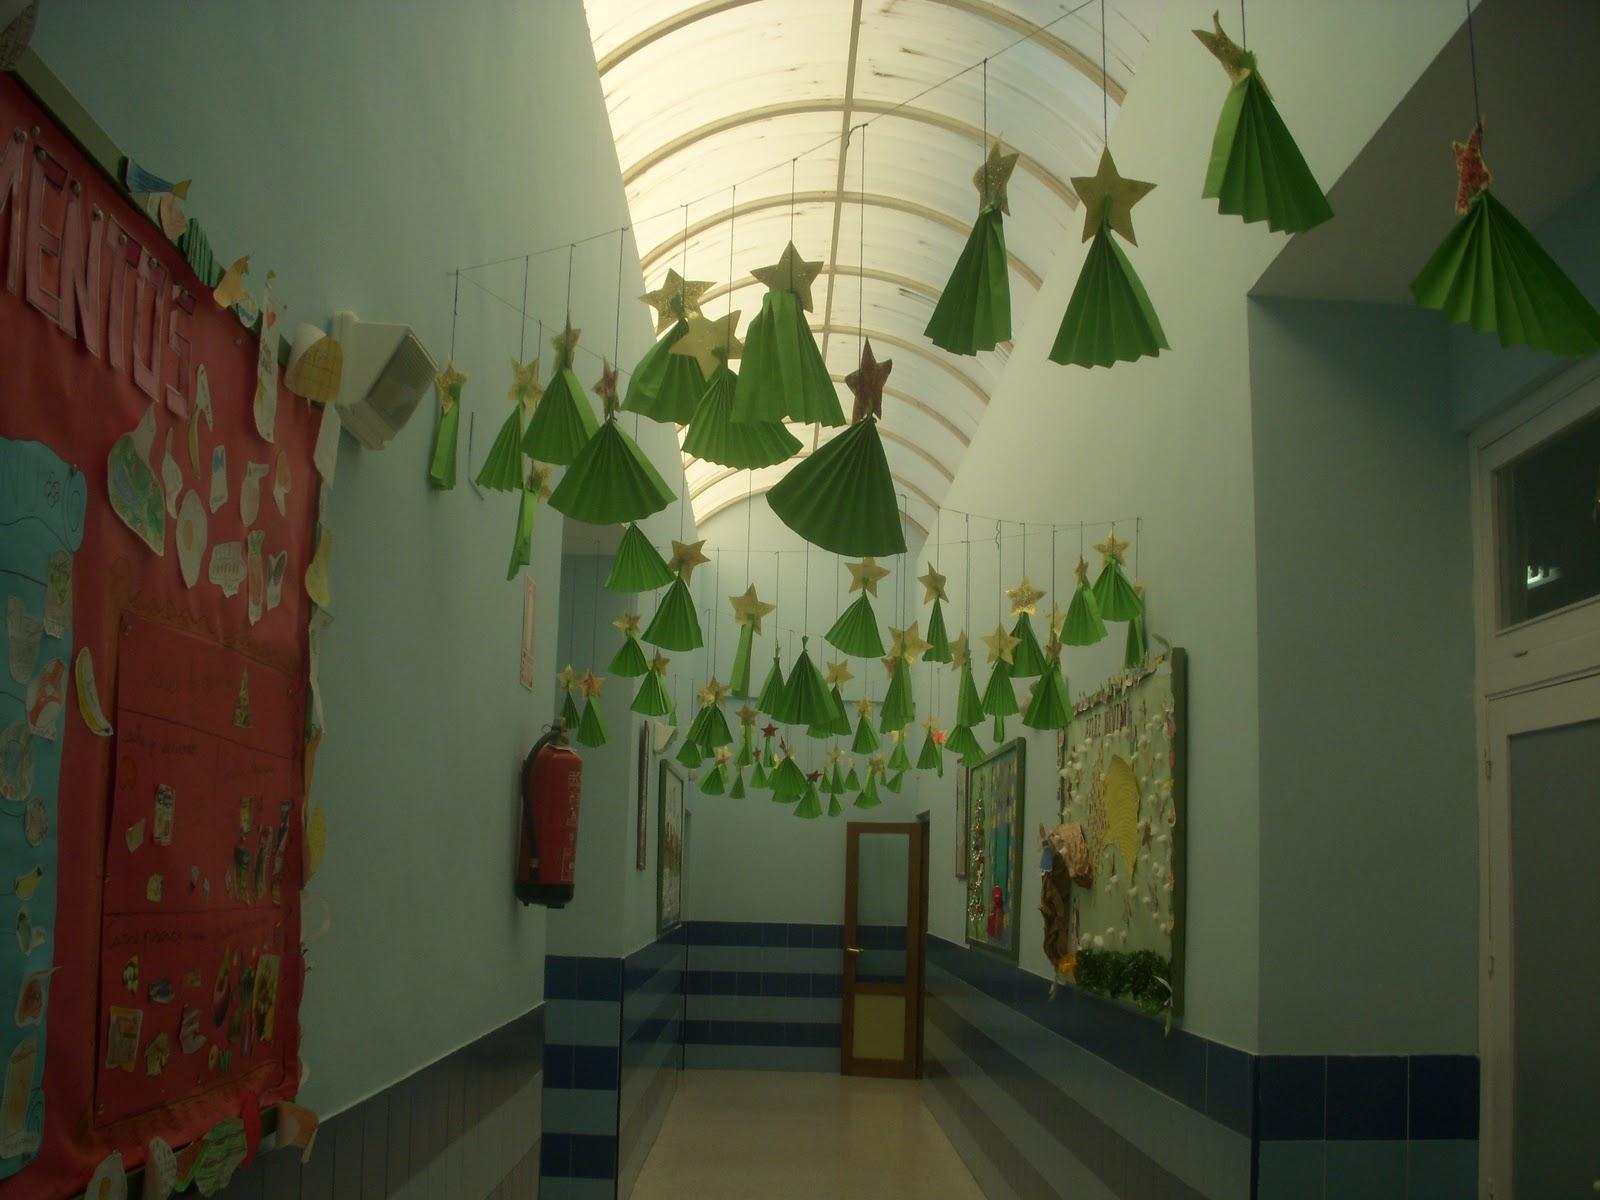 Blog del colegio moli re navidad en el colegio moli re for Decoracion escuela